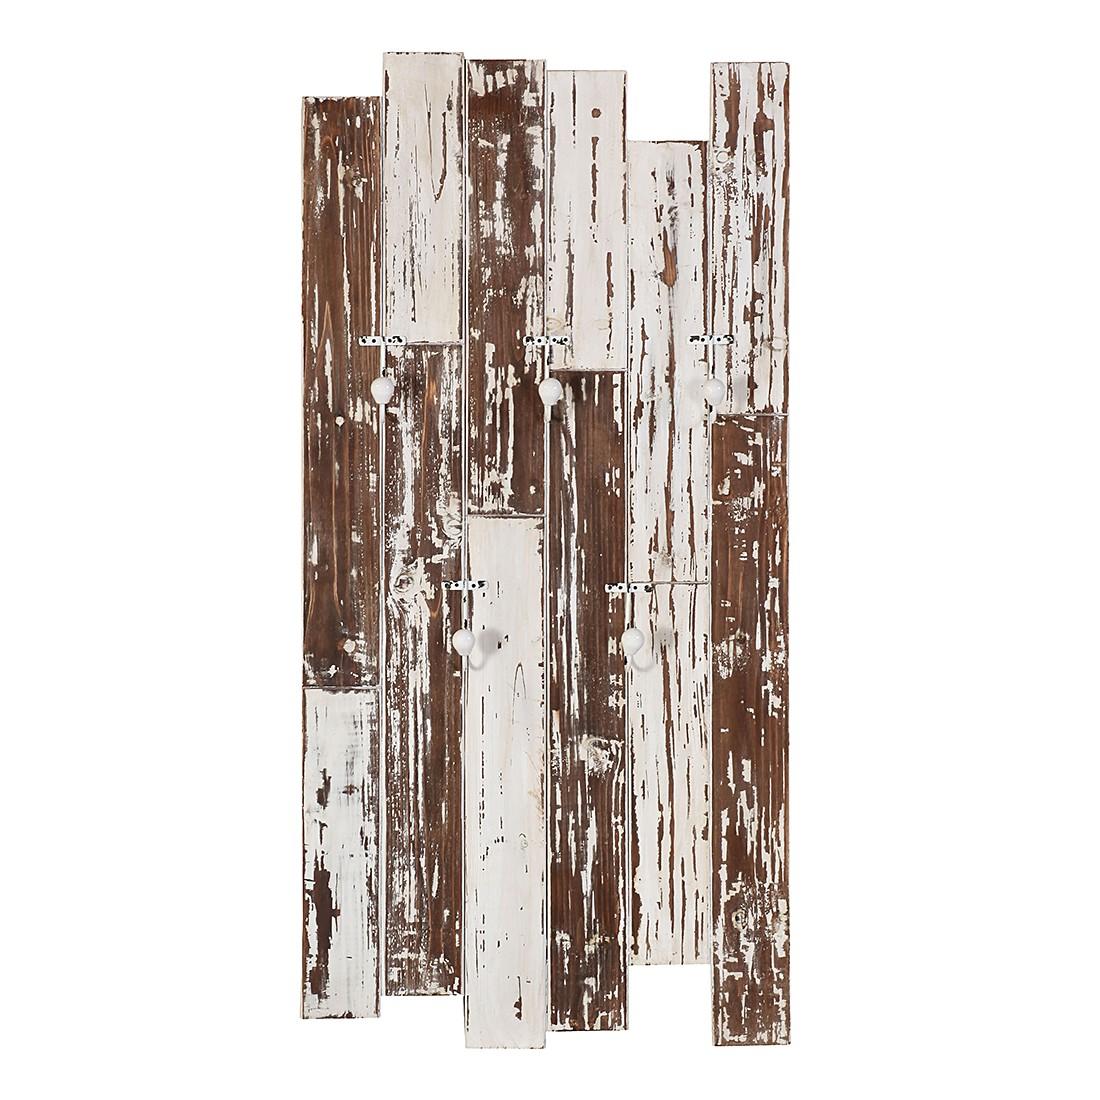 Pannello Appendiabiti Legno Tower : Pannello legno grigliato gazebo giardino rettangolare